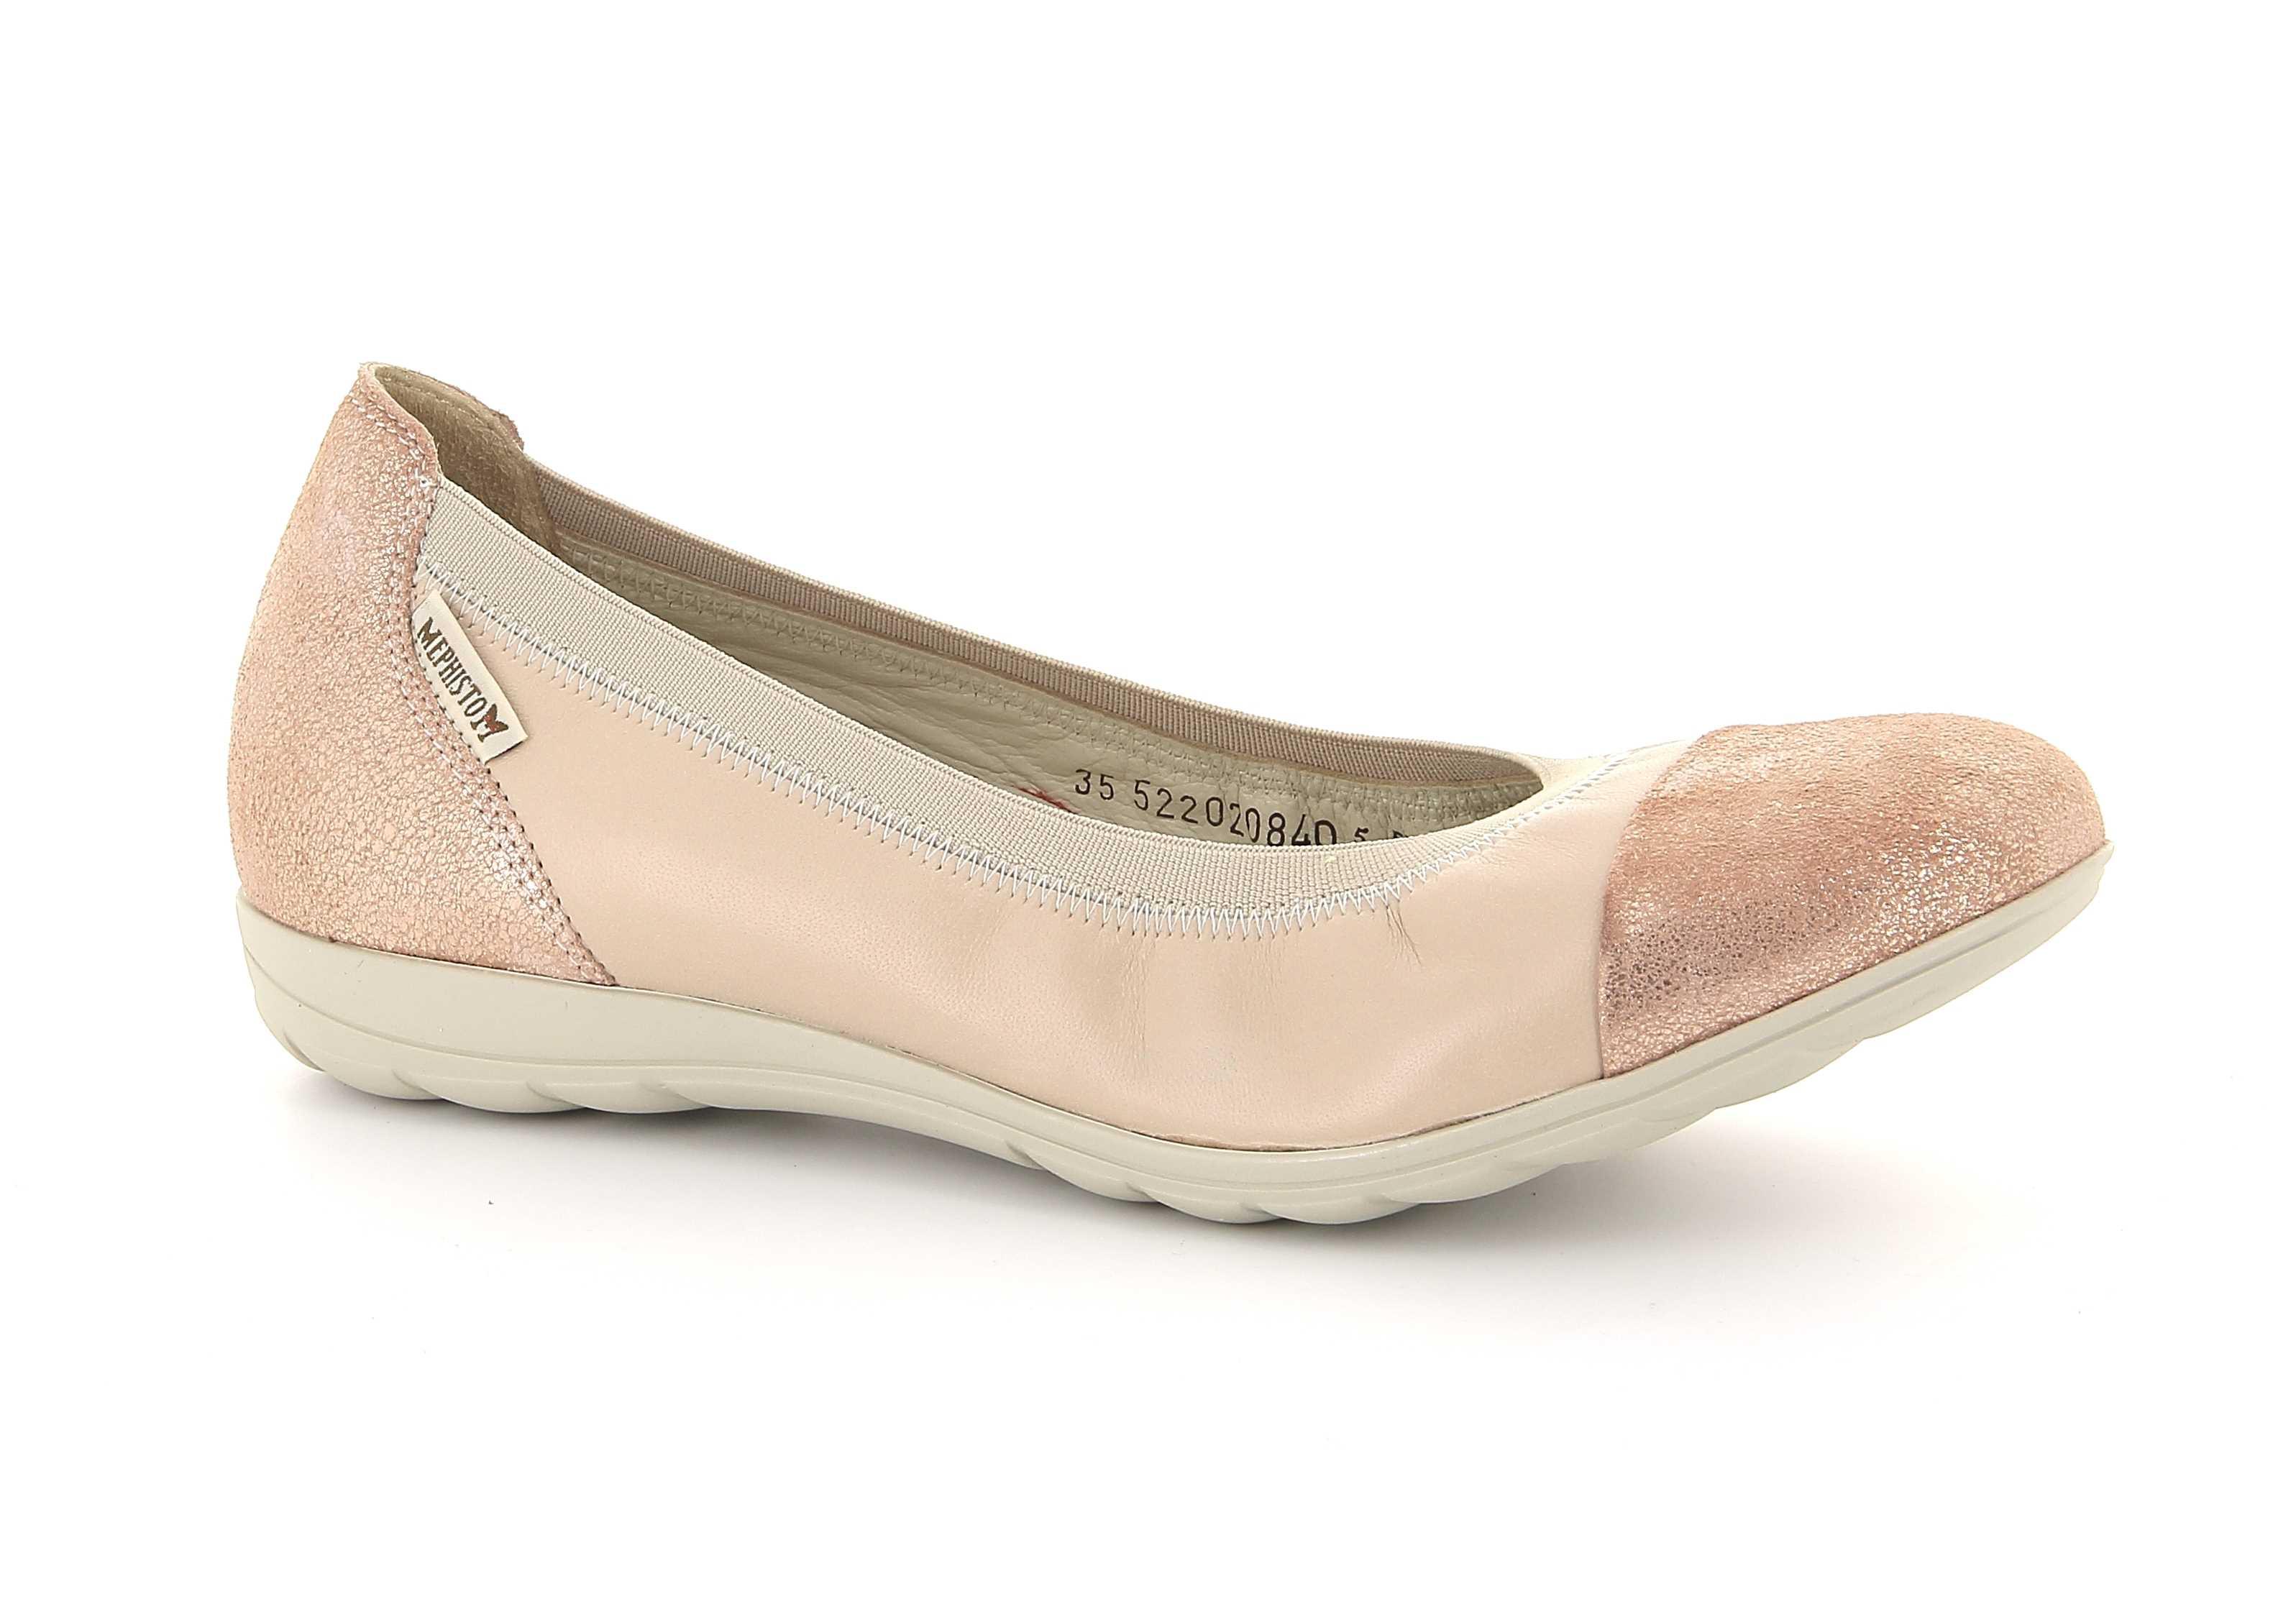 1b28d14be94c18 Mephisto-Shop chaussures confortables Ballerines femme - modèle ...